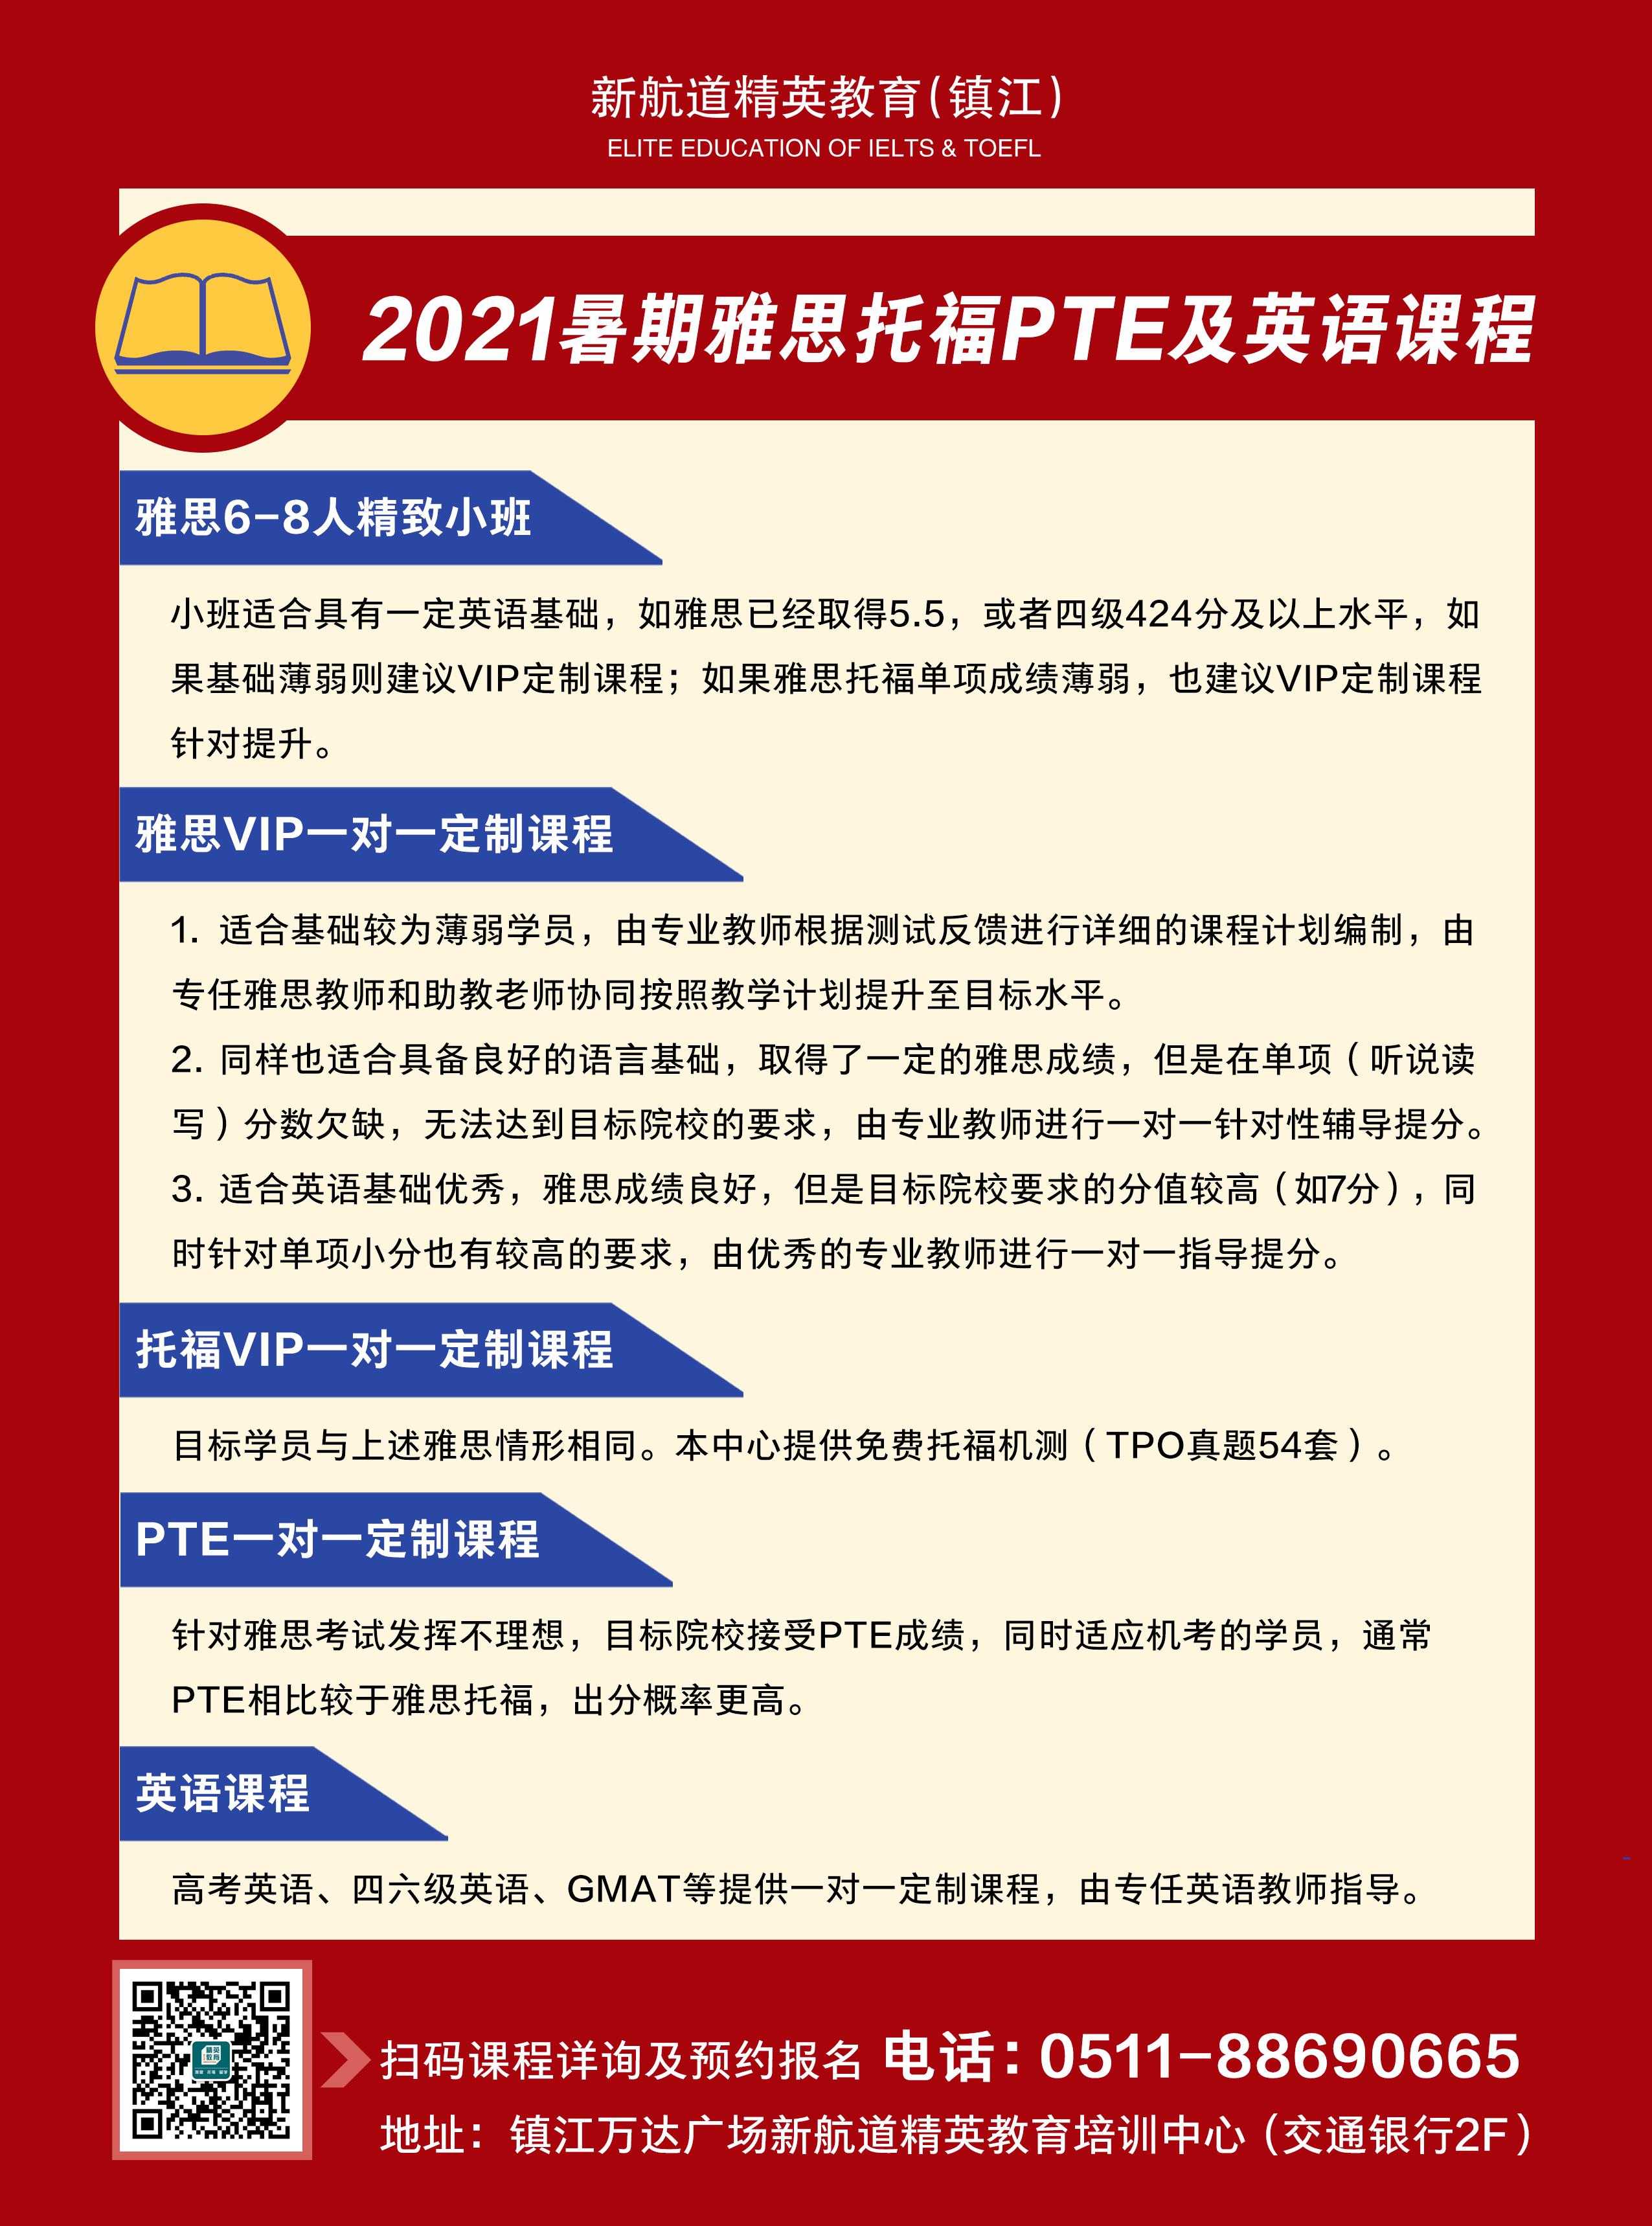 2021高考峰会单页2.png